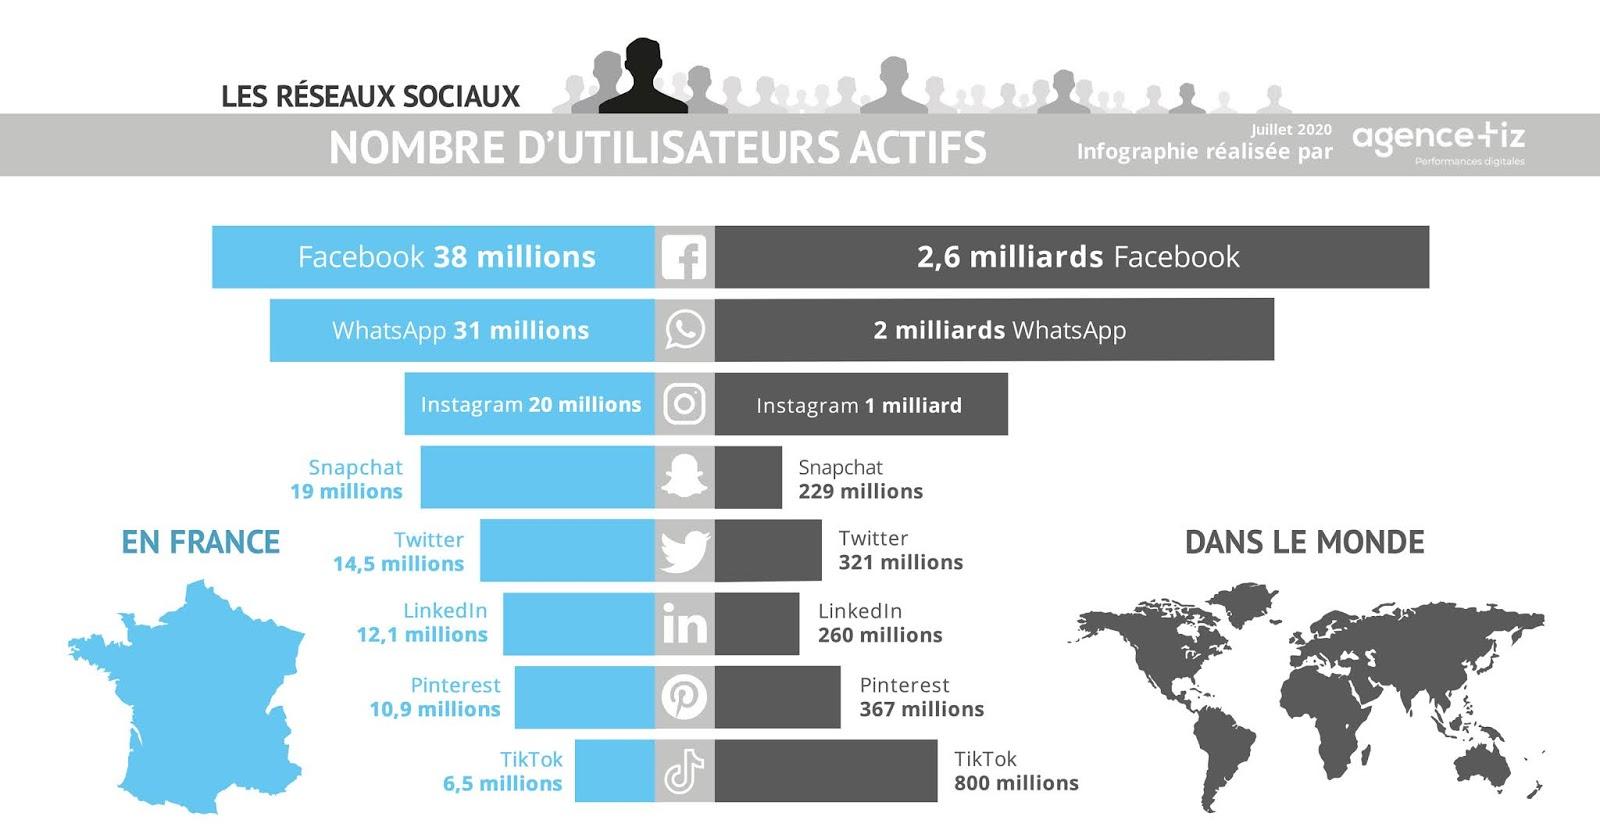 Nombre d'utilisateurs des réseaux sociaux Facebook, Instagram, Twitter, Snapchat, WhatsApp, TikTok, LinkedIn, Pinterest